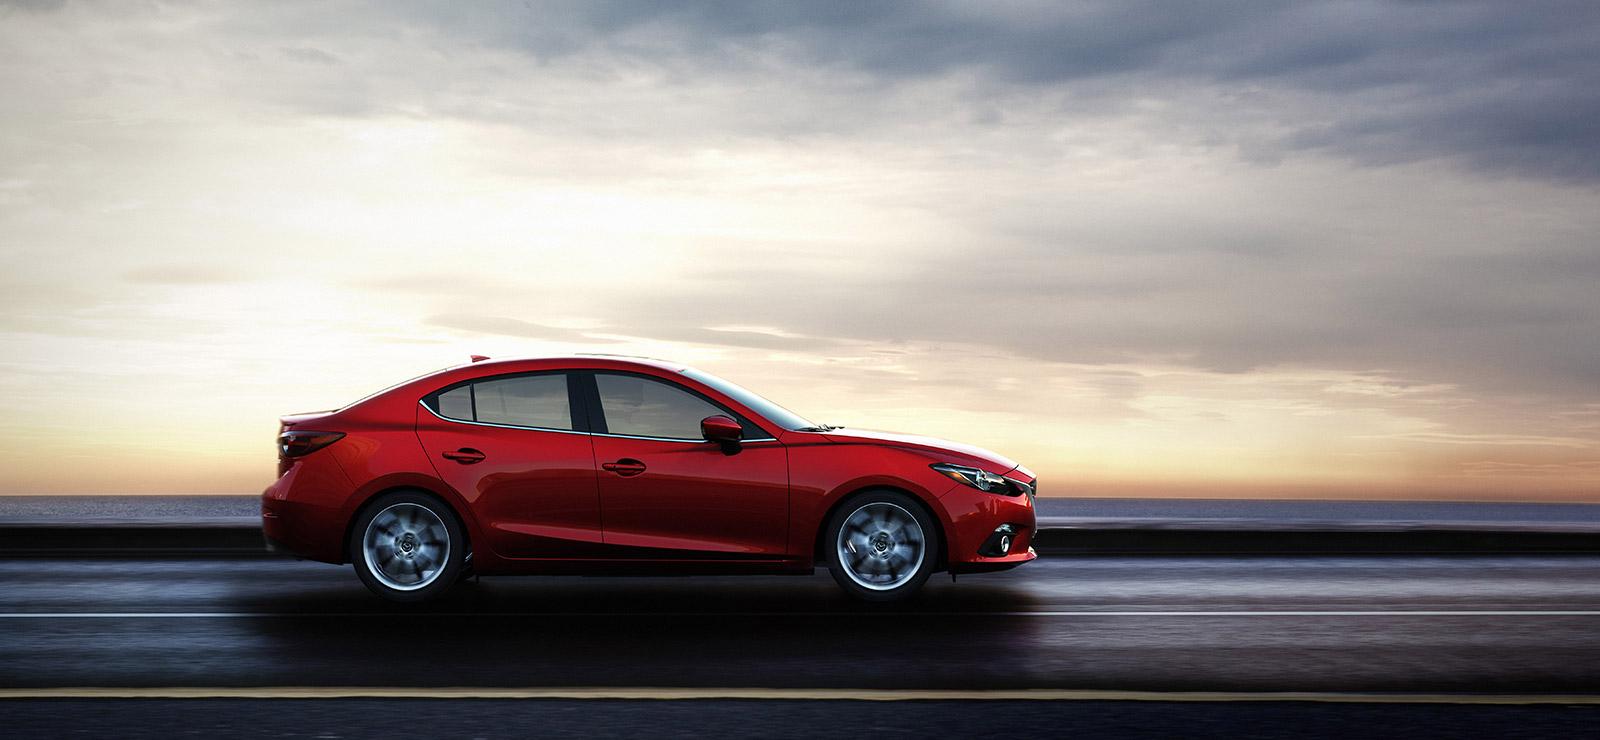 2014 <b>Mazda 3 Wallpaper</b>